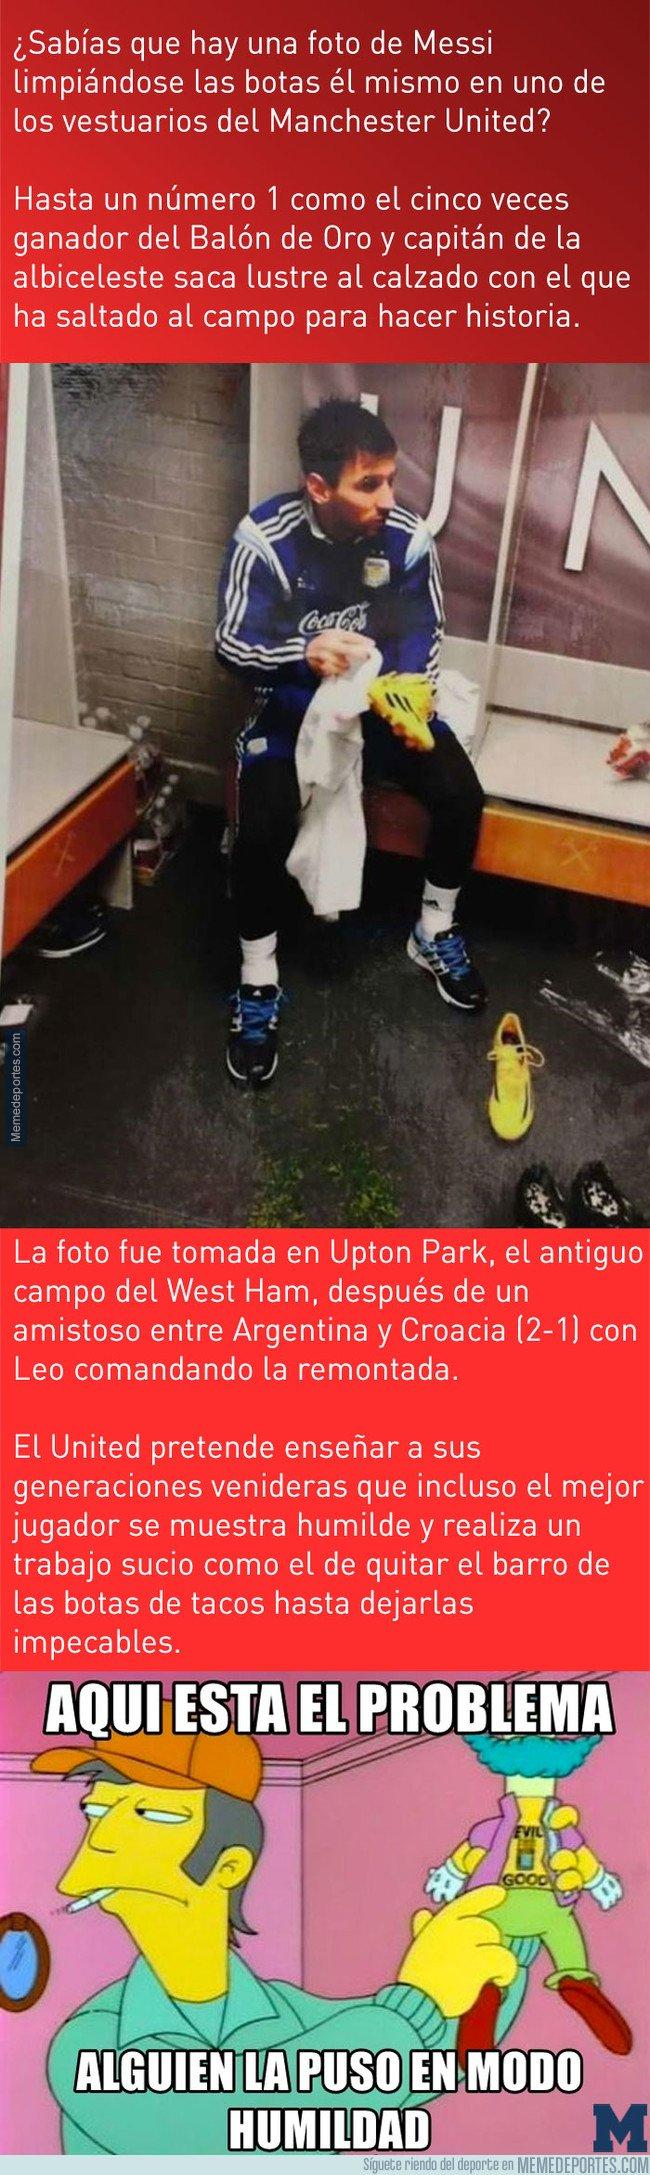 1029083 - En el vestuario del United hay una foto de Messi y el motivo se lo ha ganado a pulso